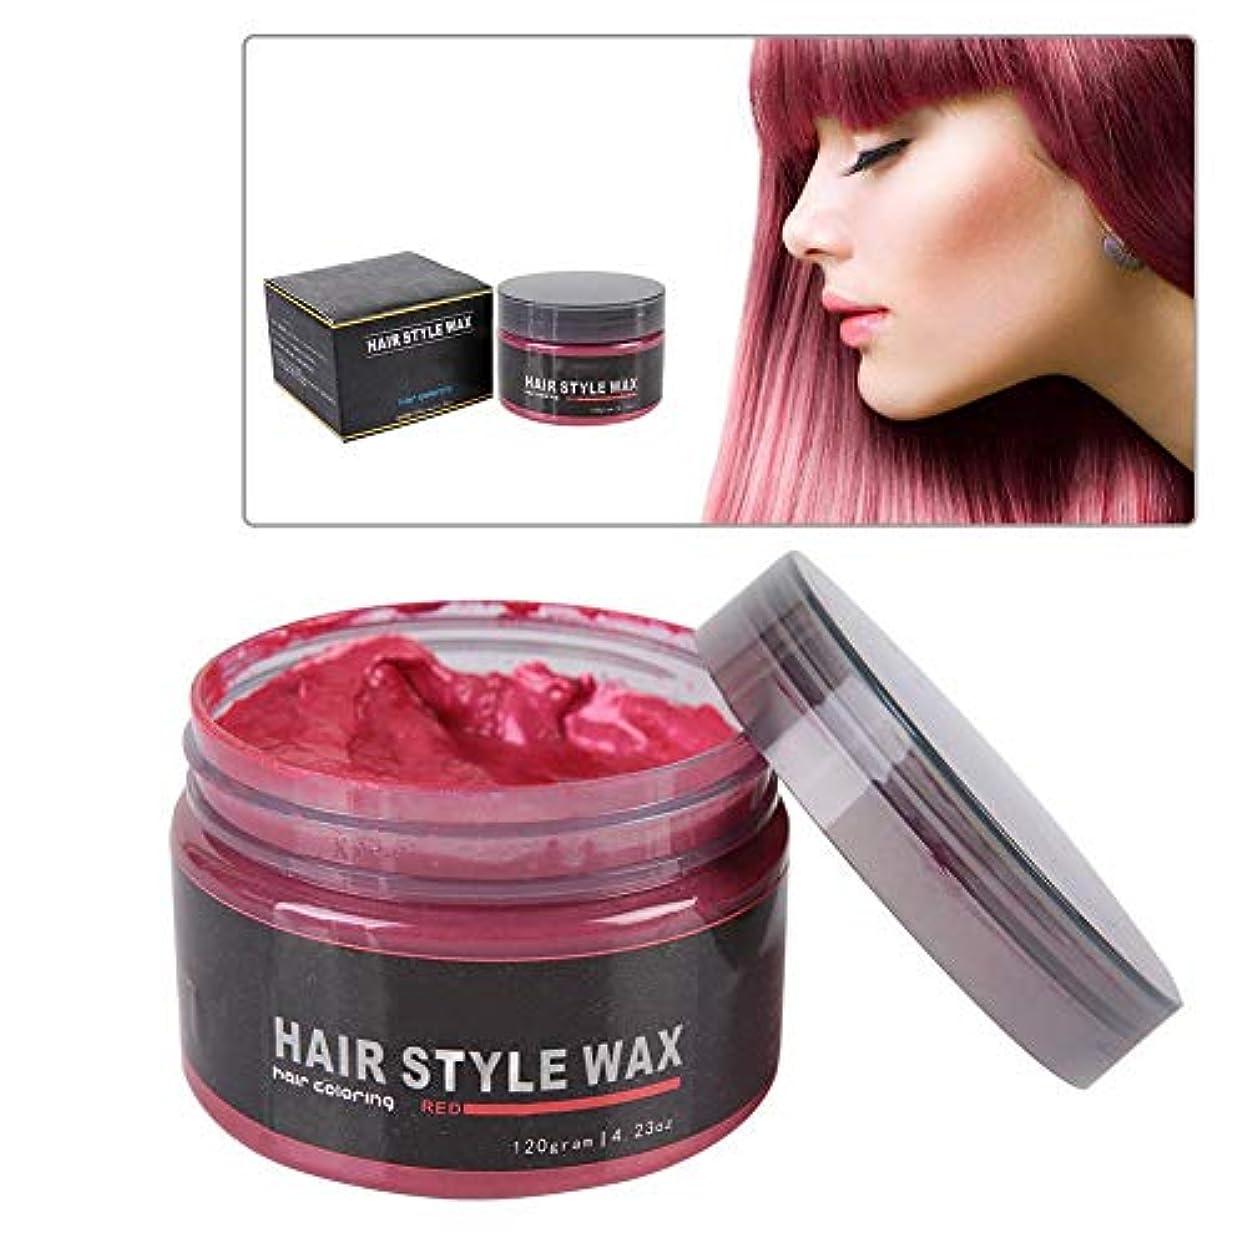 パントリー操作可能疑問を超えて使い捨ての新しいヘアカラーワックス、染毛剤の着色泥のヘアスタイルモデリングクリーム120グラム(レッド)